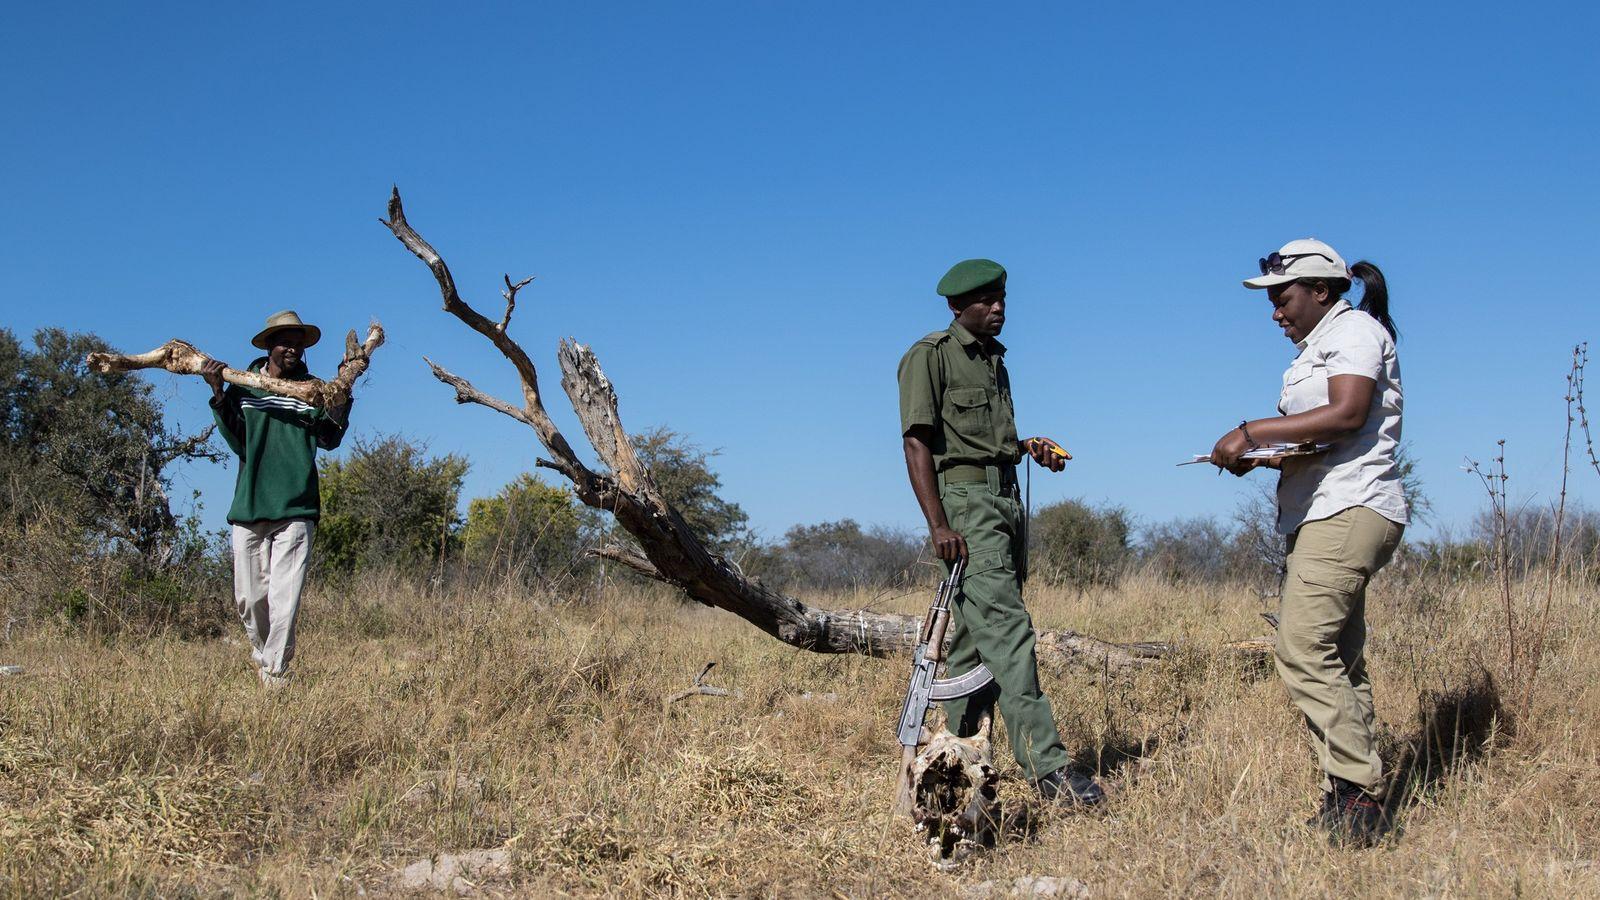 La conservacionista Moreangels Mbizah (derecha) obtiene datos y toma nota en el lugar donde se produjo ...